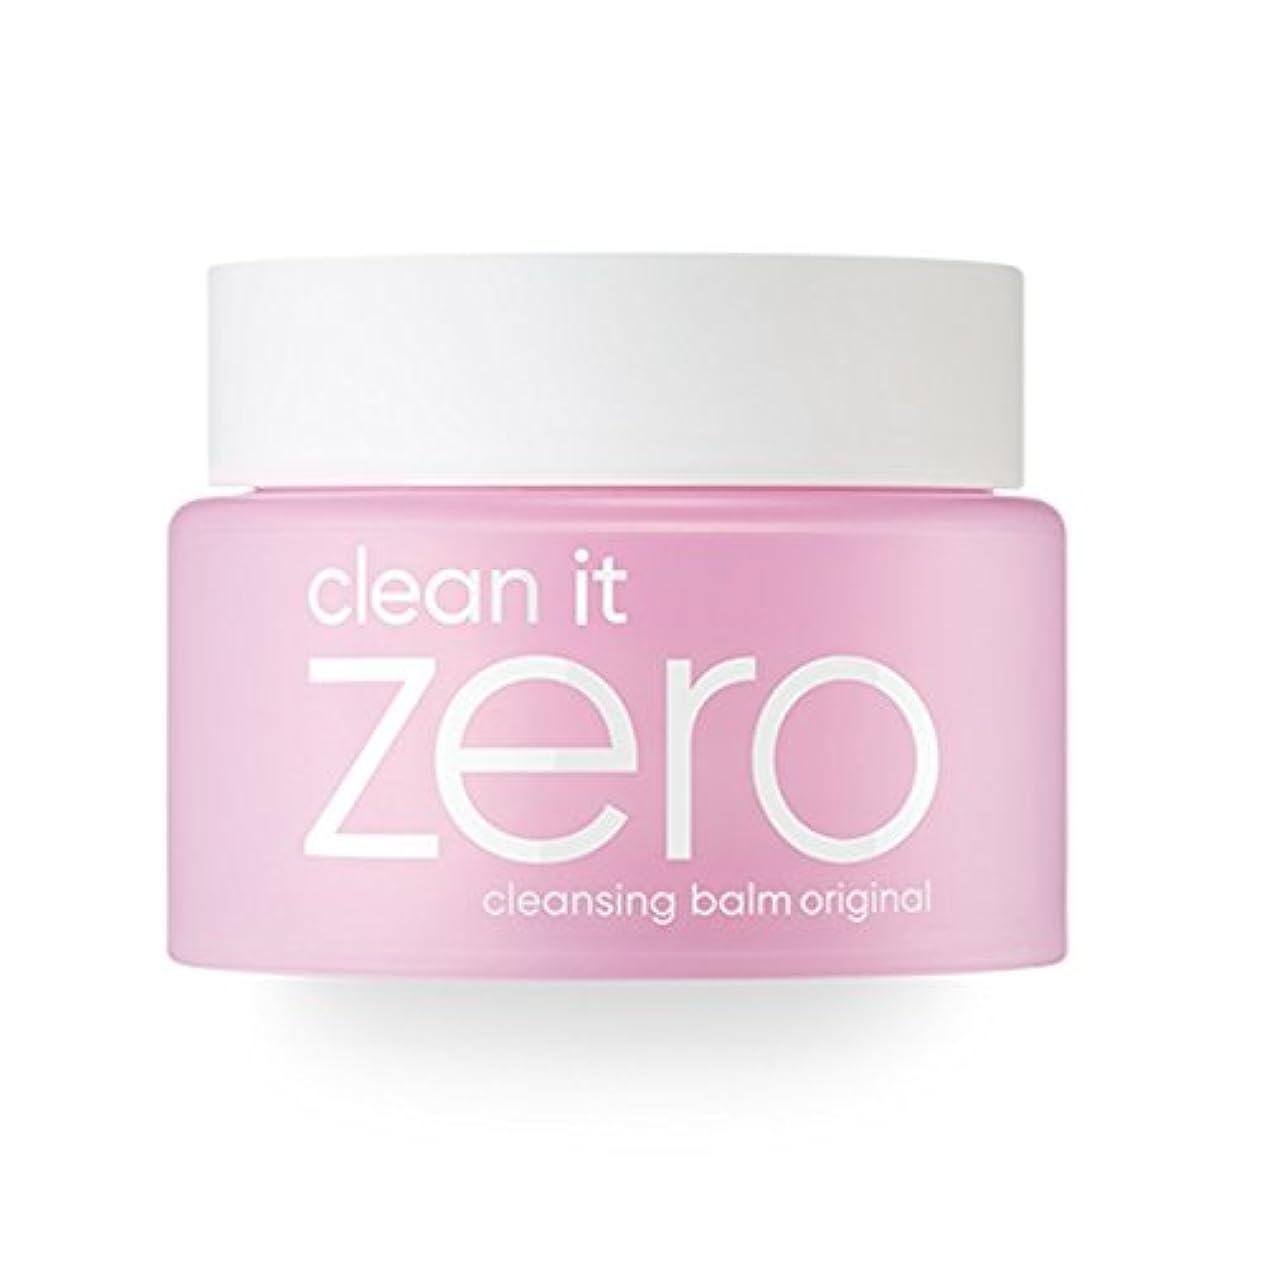 嫌なビット同意するBanila.co クリーン イット ゼロ クレンジングバーム オリジナル / Clean it Zero Cleansing Balm Original (100ml)